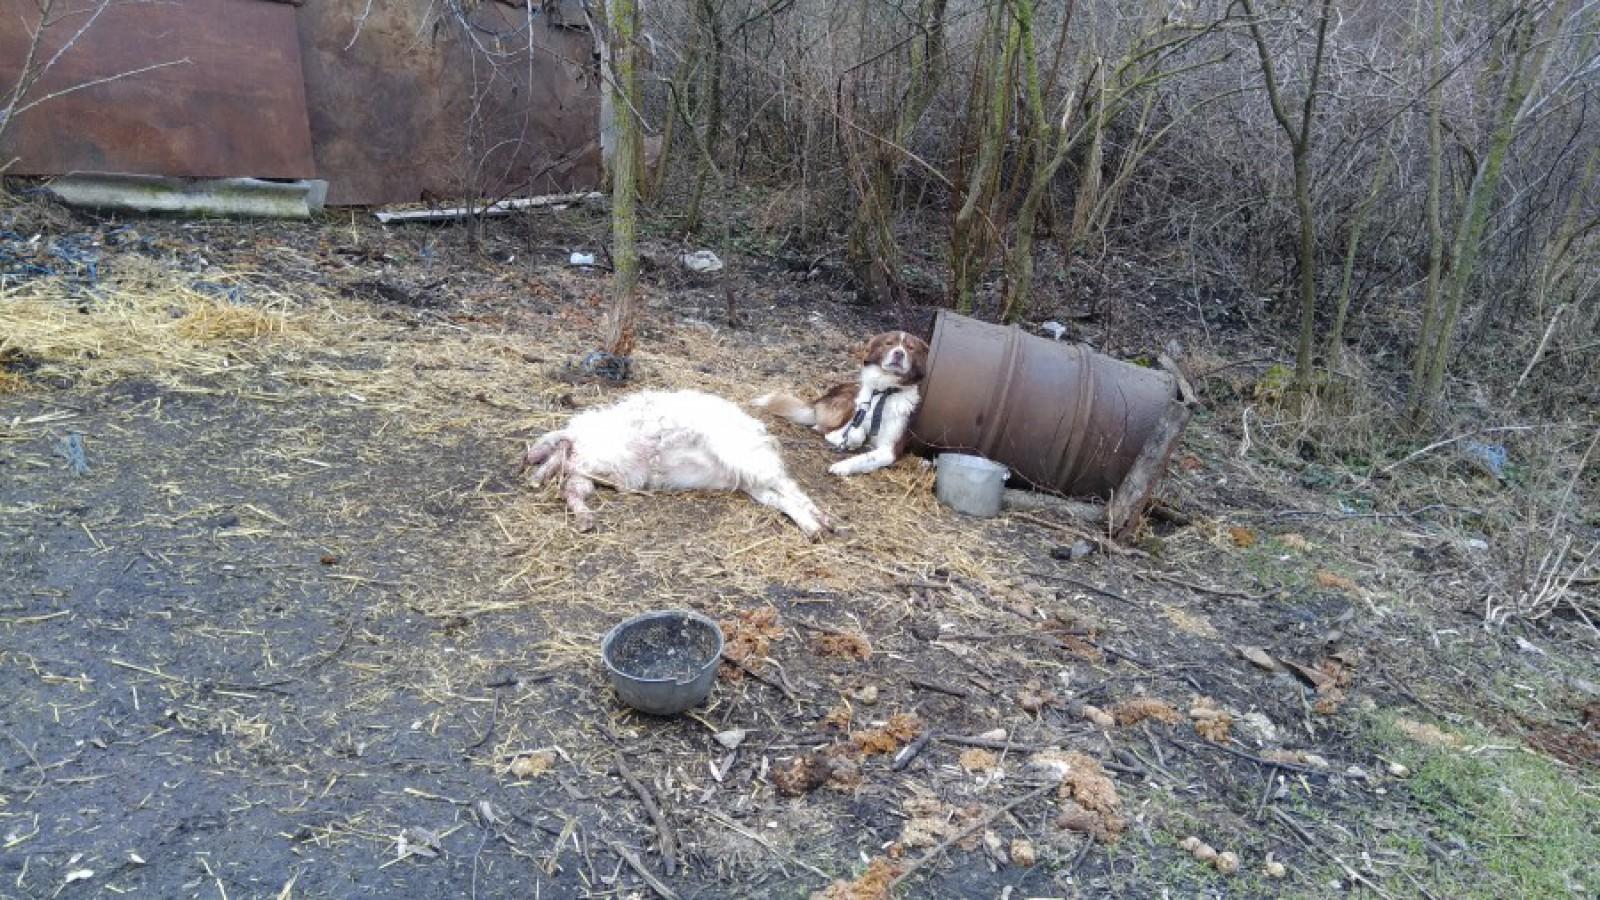 (foto) Alertă în Cimișlia: O haită de lupi a atacat o gospodărie și a devorat mai multe animale